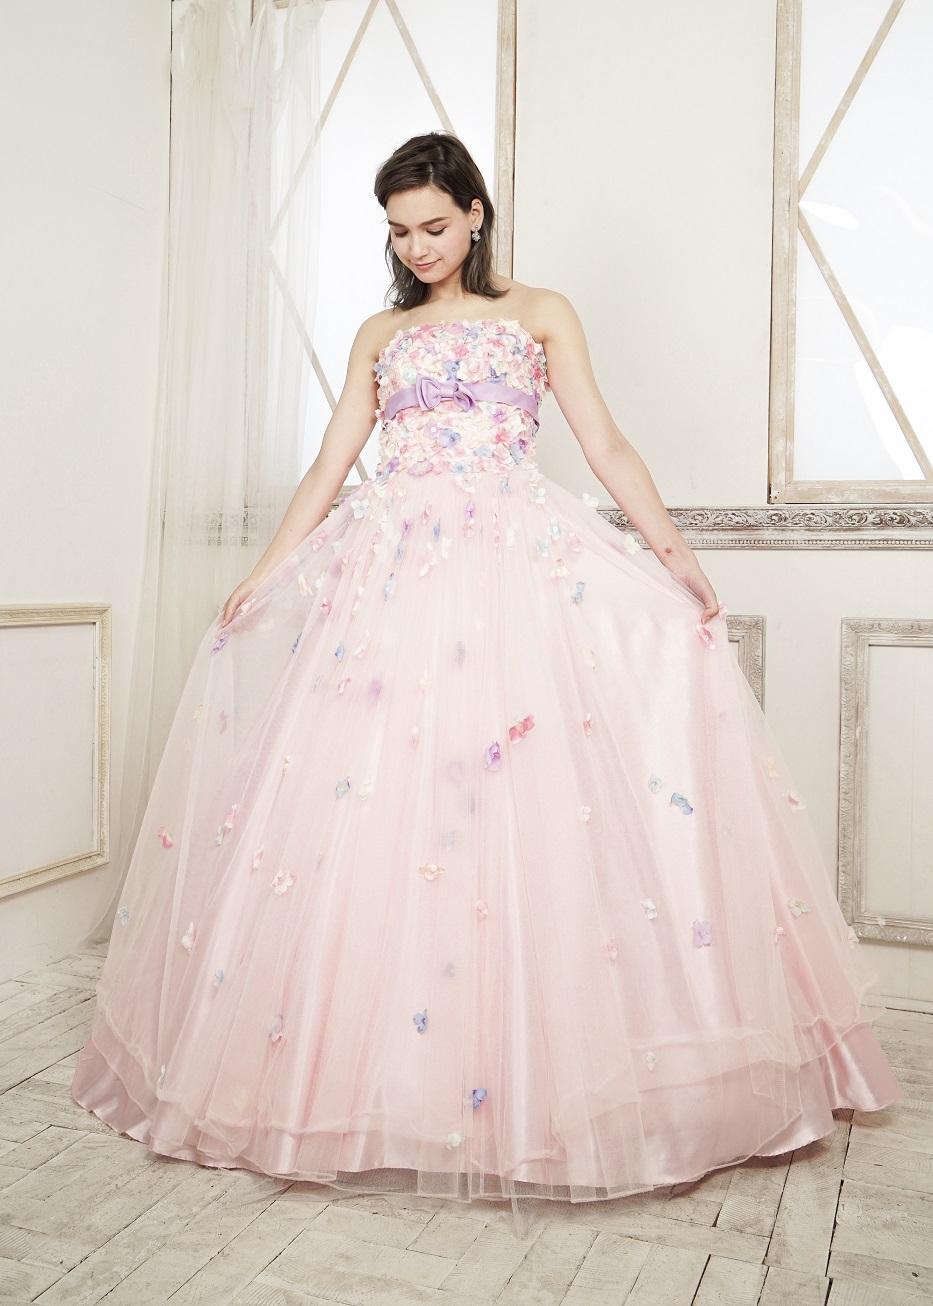 カラードレス 披露宴 1.5次会 2次会 ピンク 大人 かわいい 花